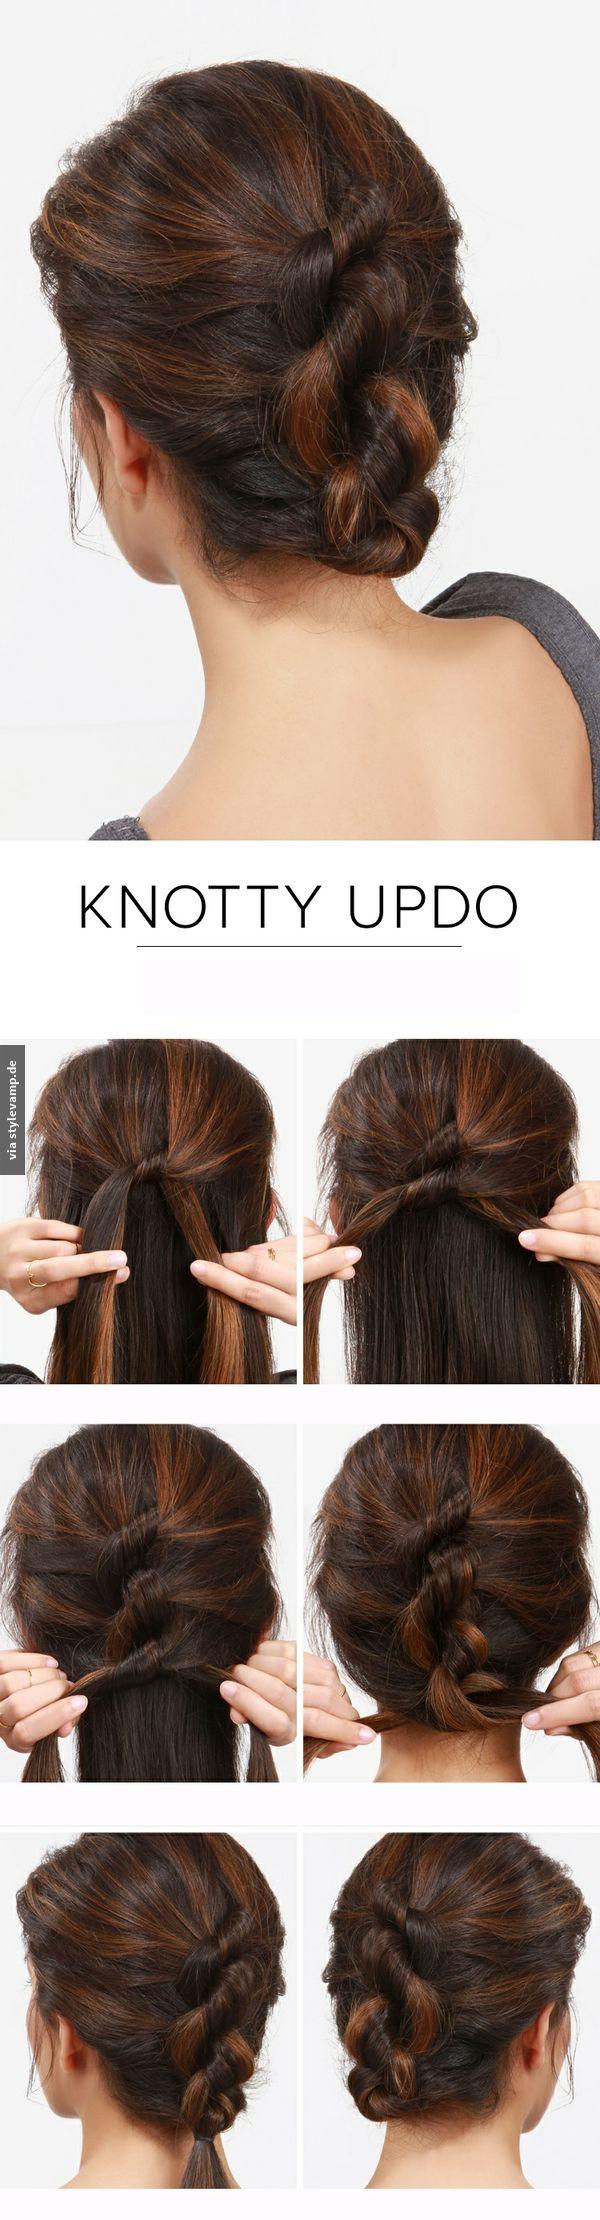 Knotty Updo